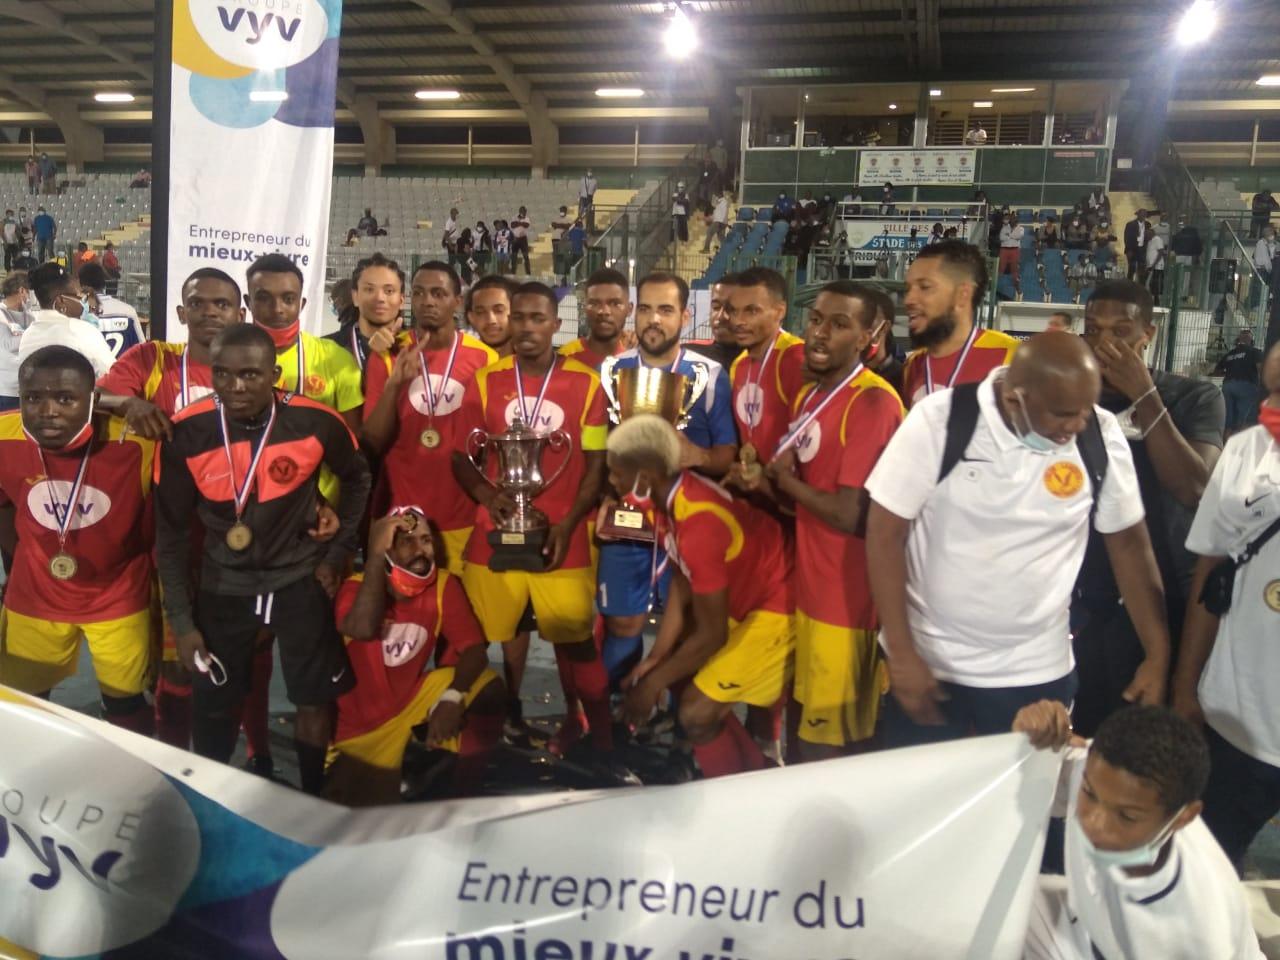 L'Aiglon du Lamentin remporte la coupe VyV